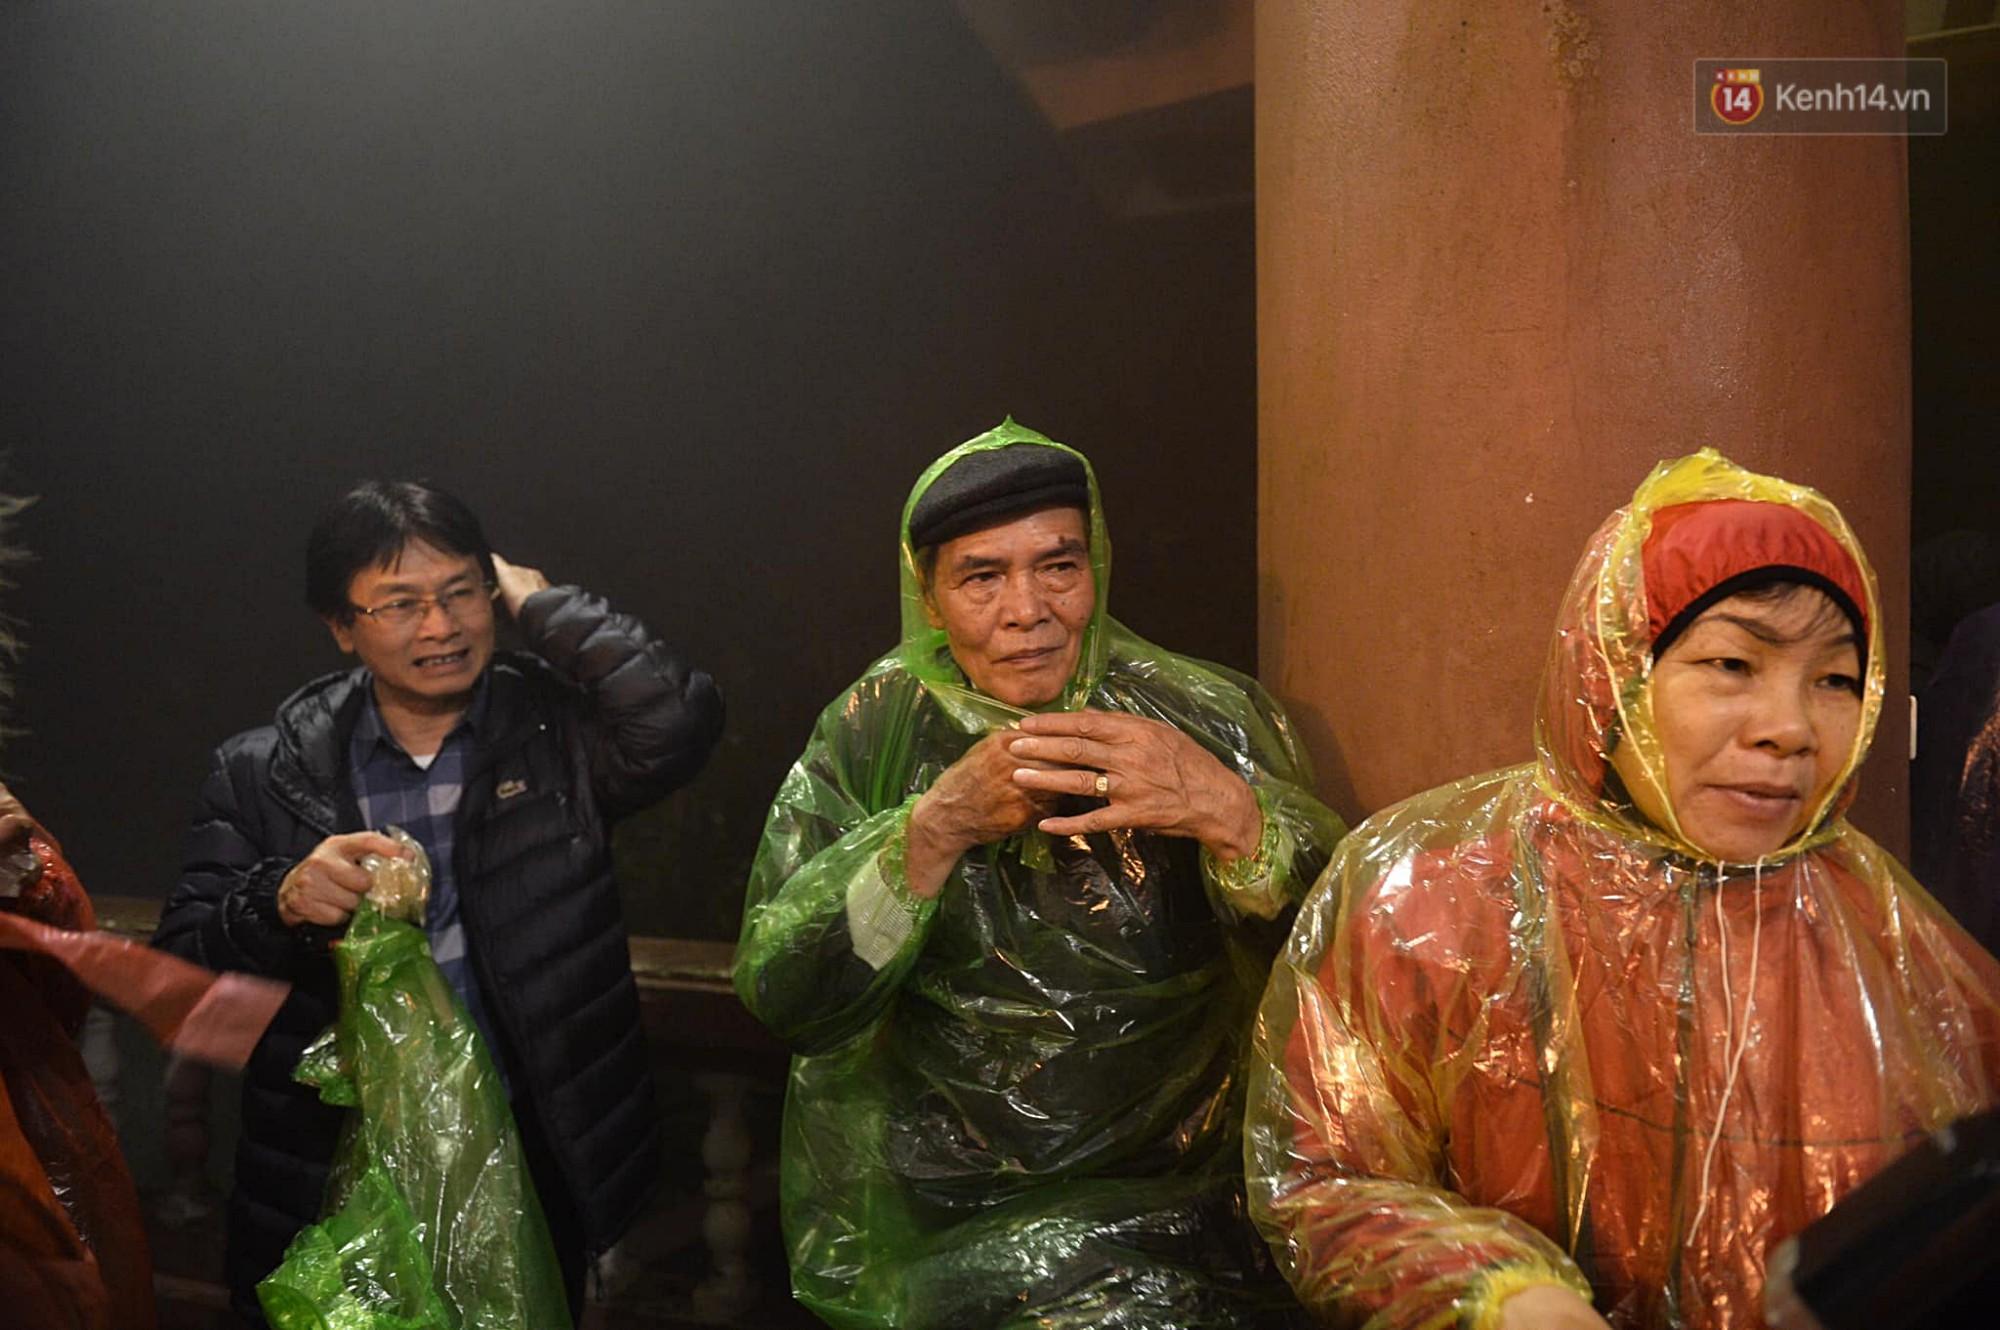 Hàng ngàn người dân đội mưa phùn trong giá rét, hành hương lên đỉnh Yên Tử trong đêm-3